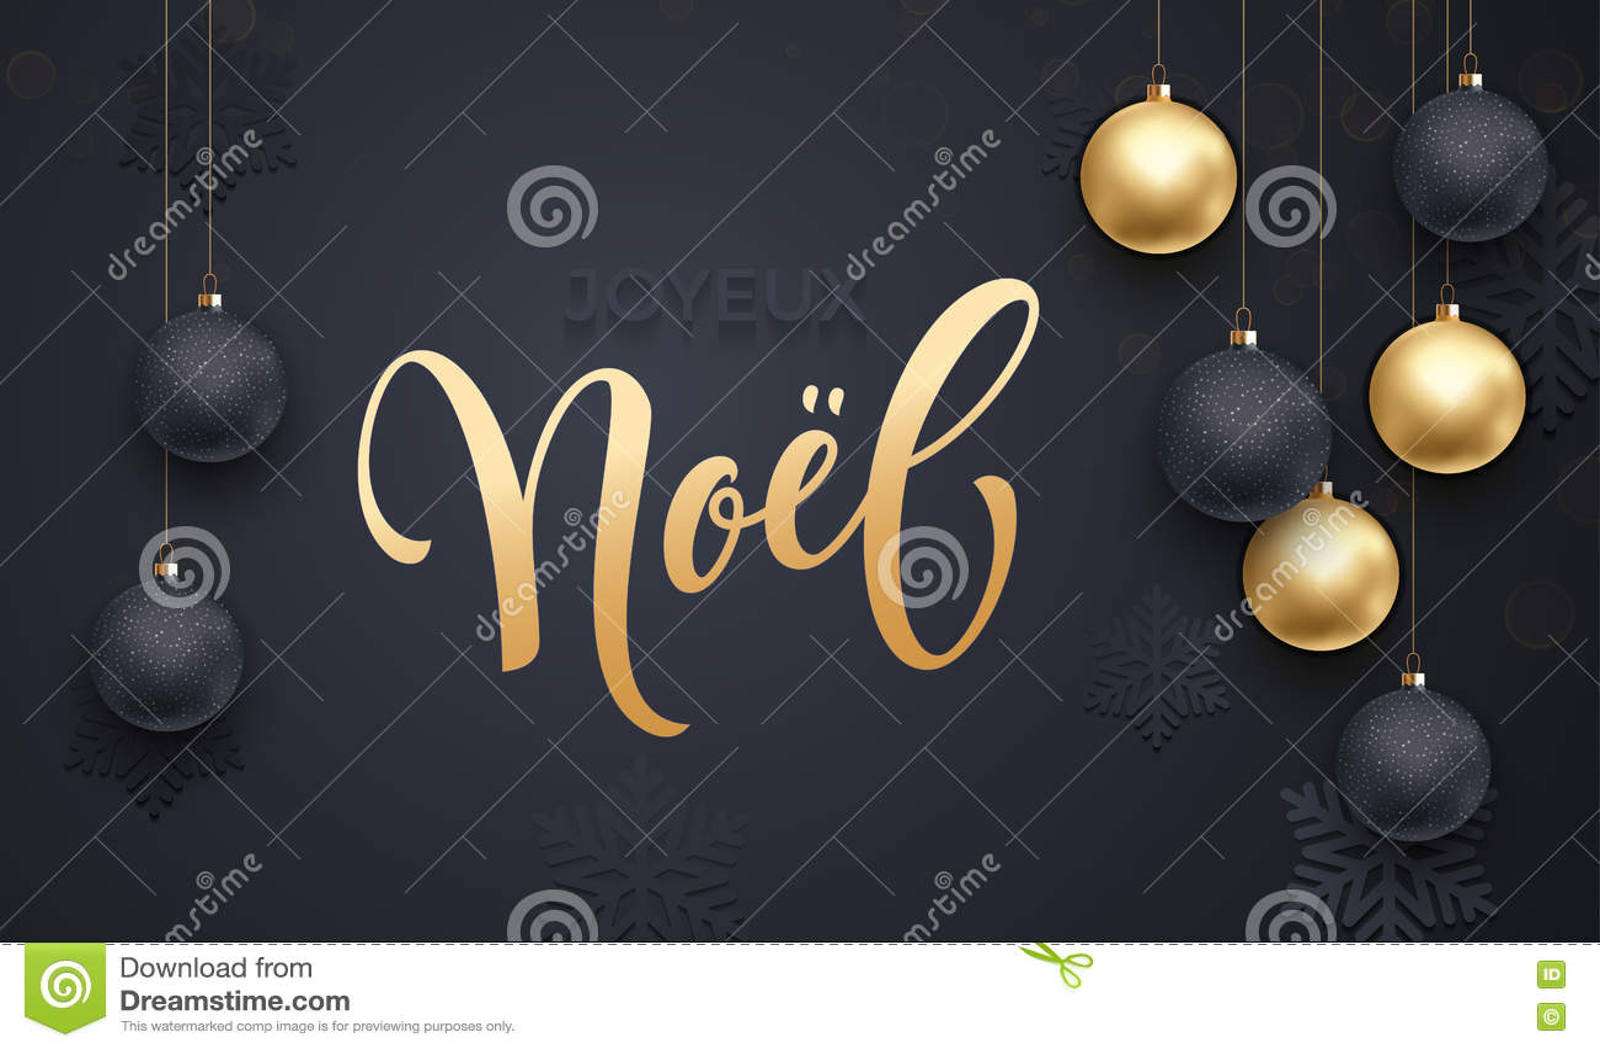 Auguri Di Buon Natale E Felice Anno Nuovo In Francese.Saluto Dorato Francese Dell Ornamento Della Palla Della